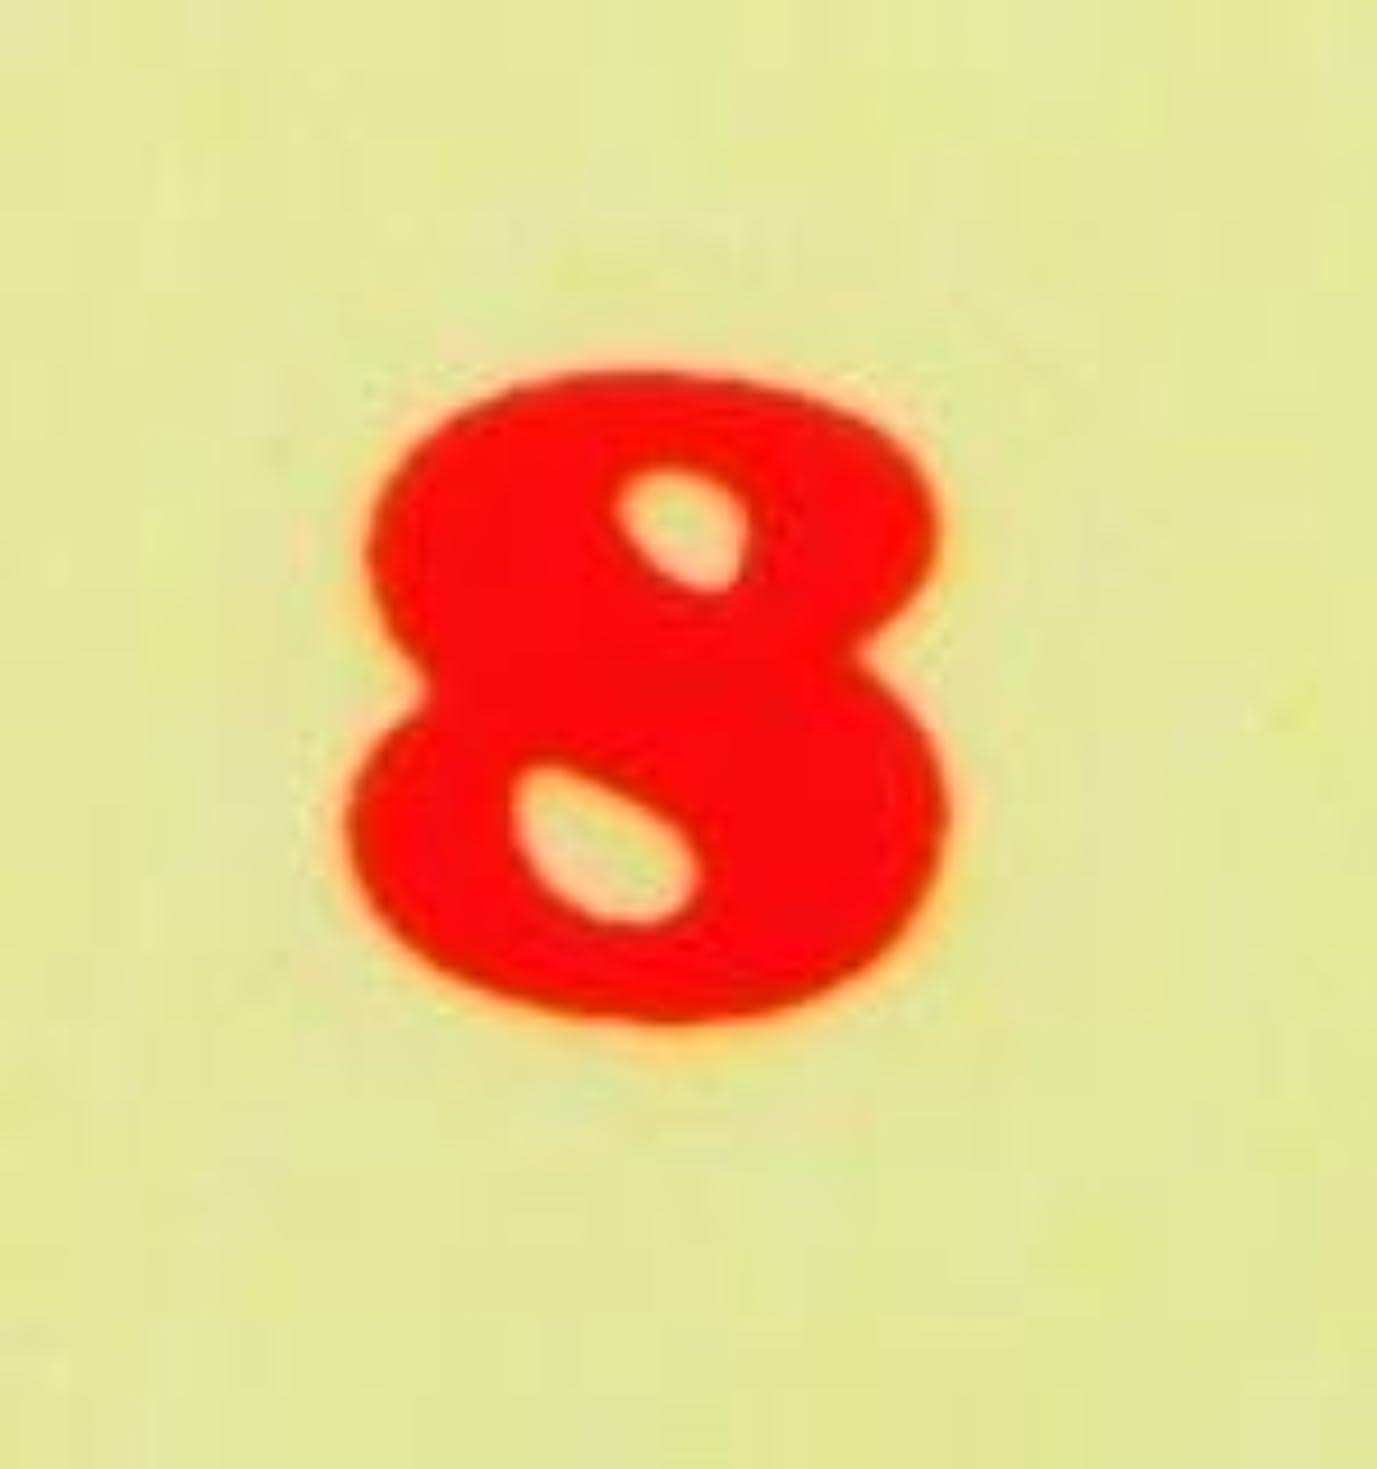 中世のフィラデルフィア有力者【数字ネイルシール】2明朝体8RD/各1シート9枚入